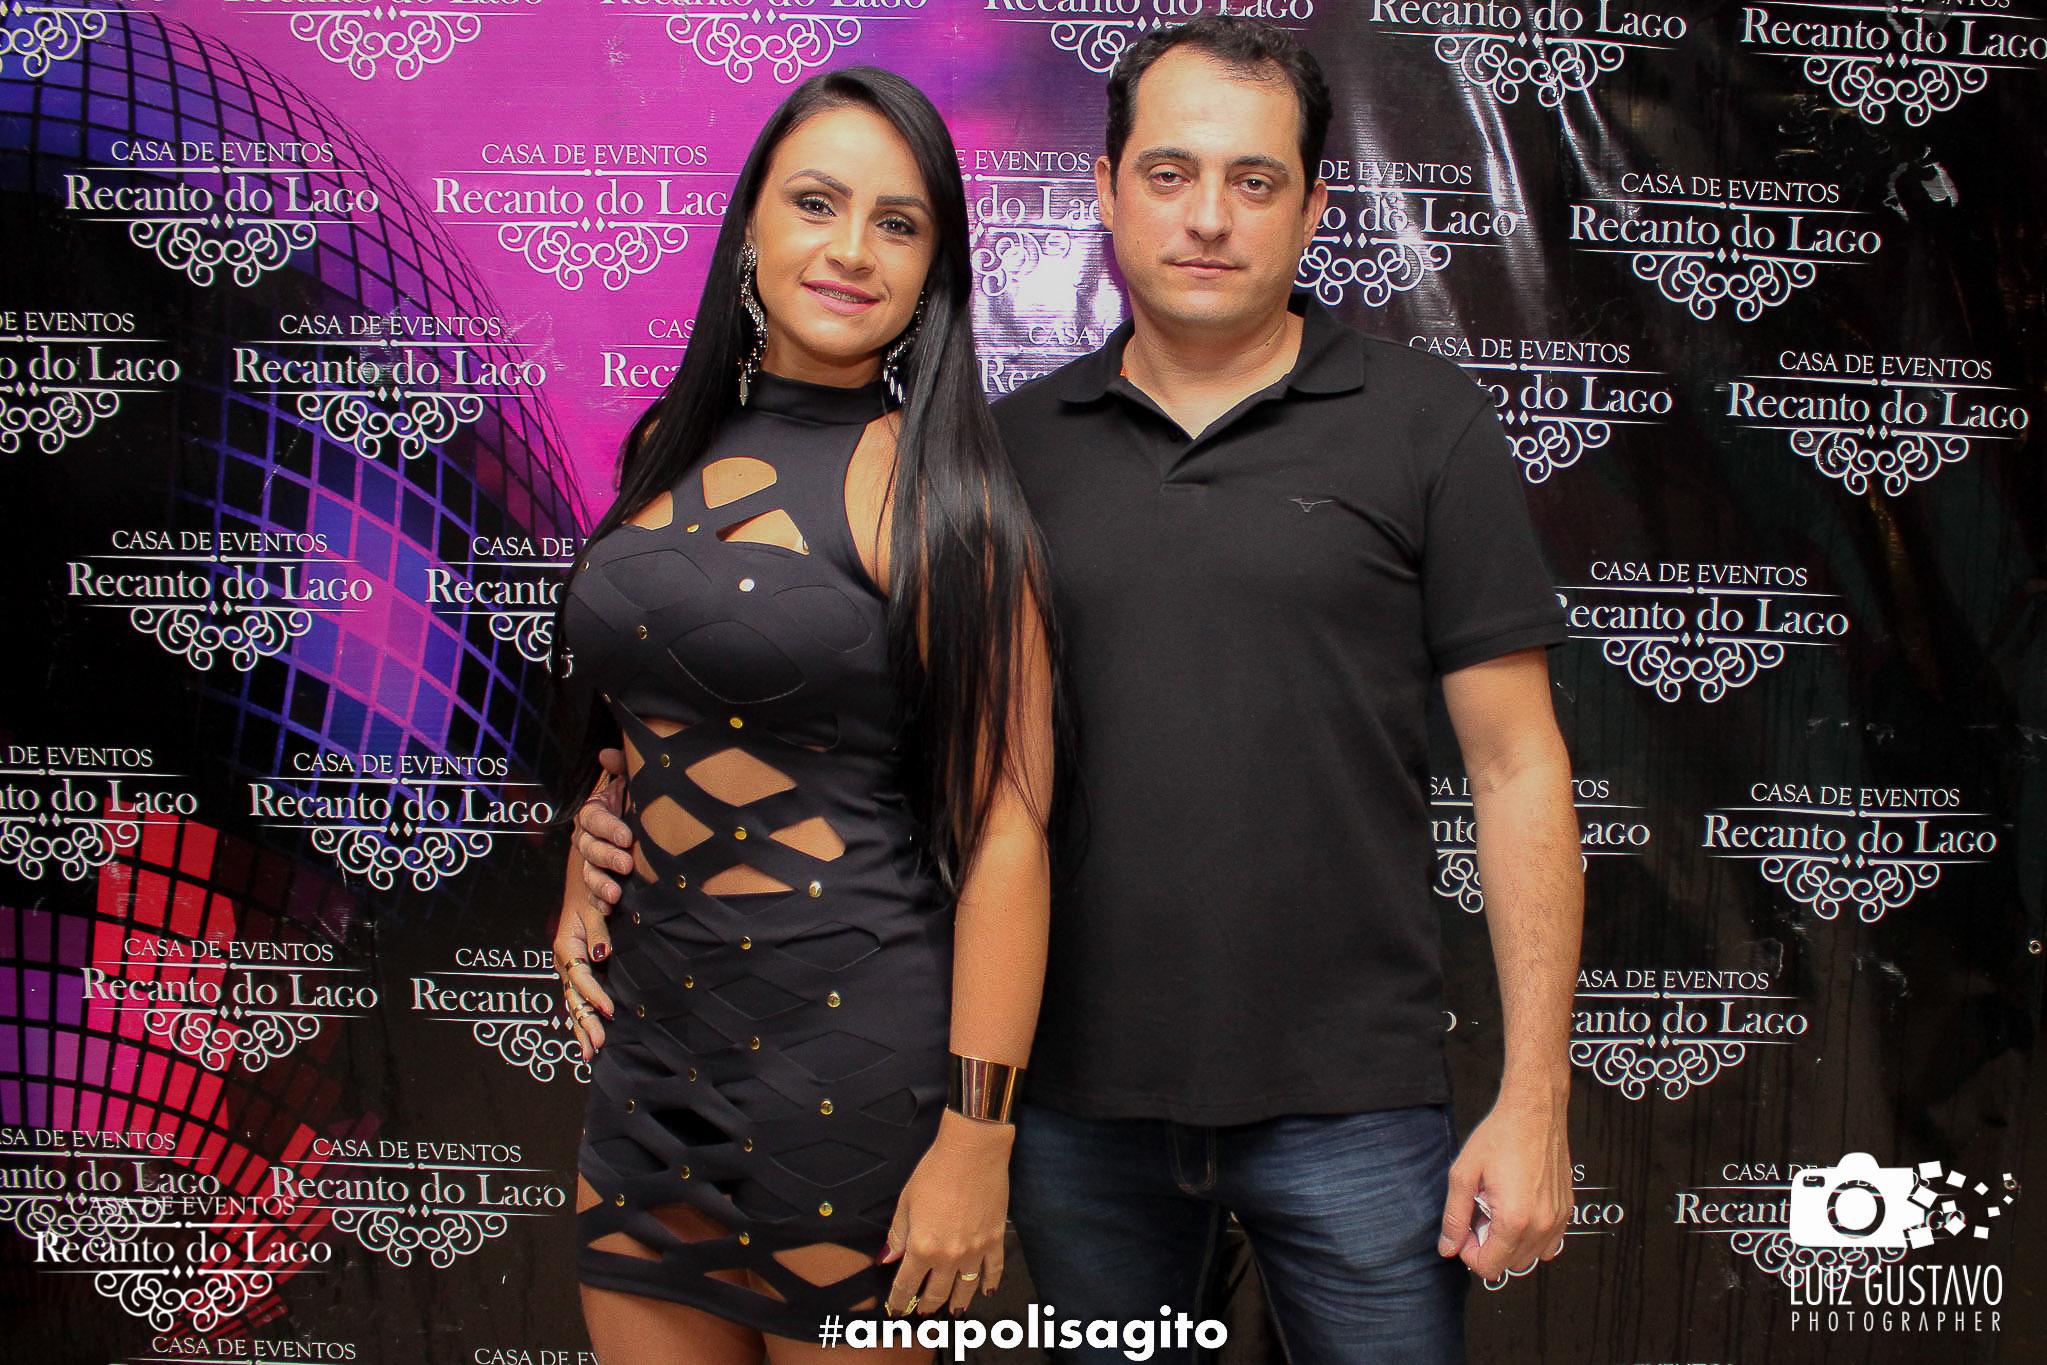 Luiz Gustavo-13